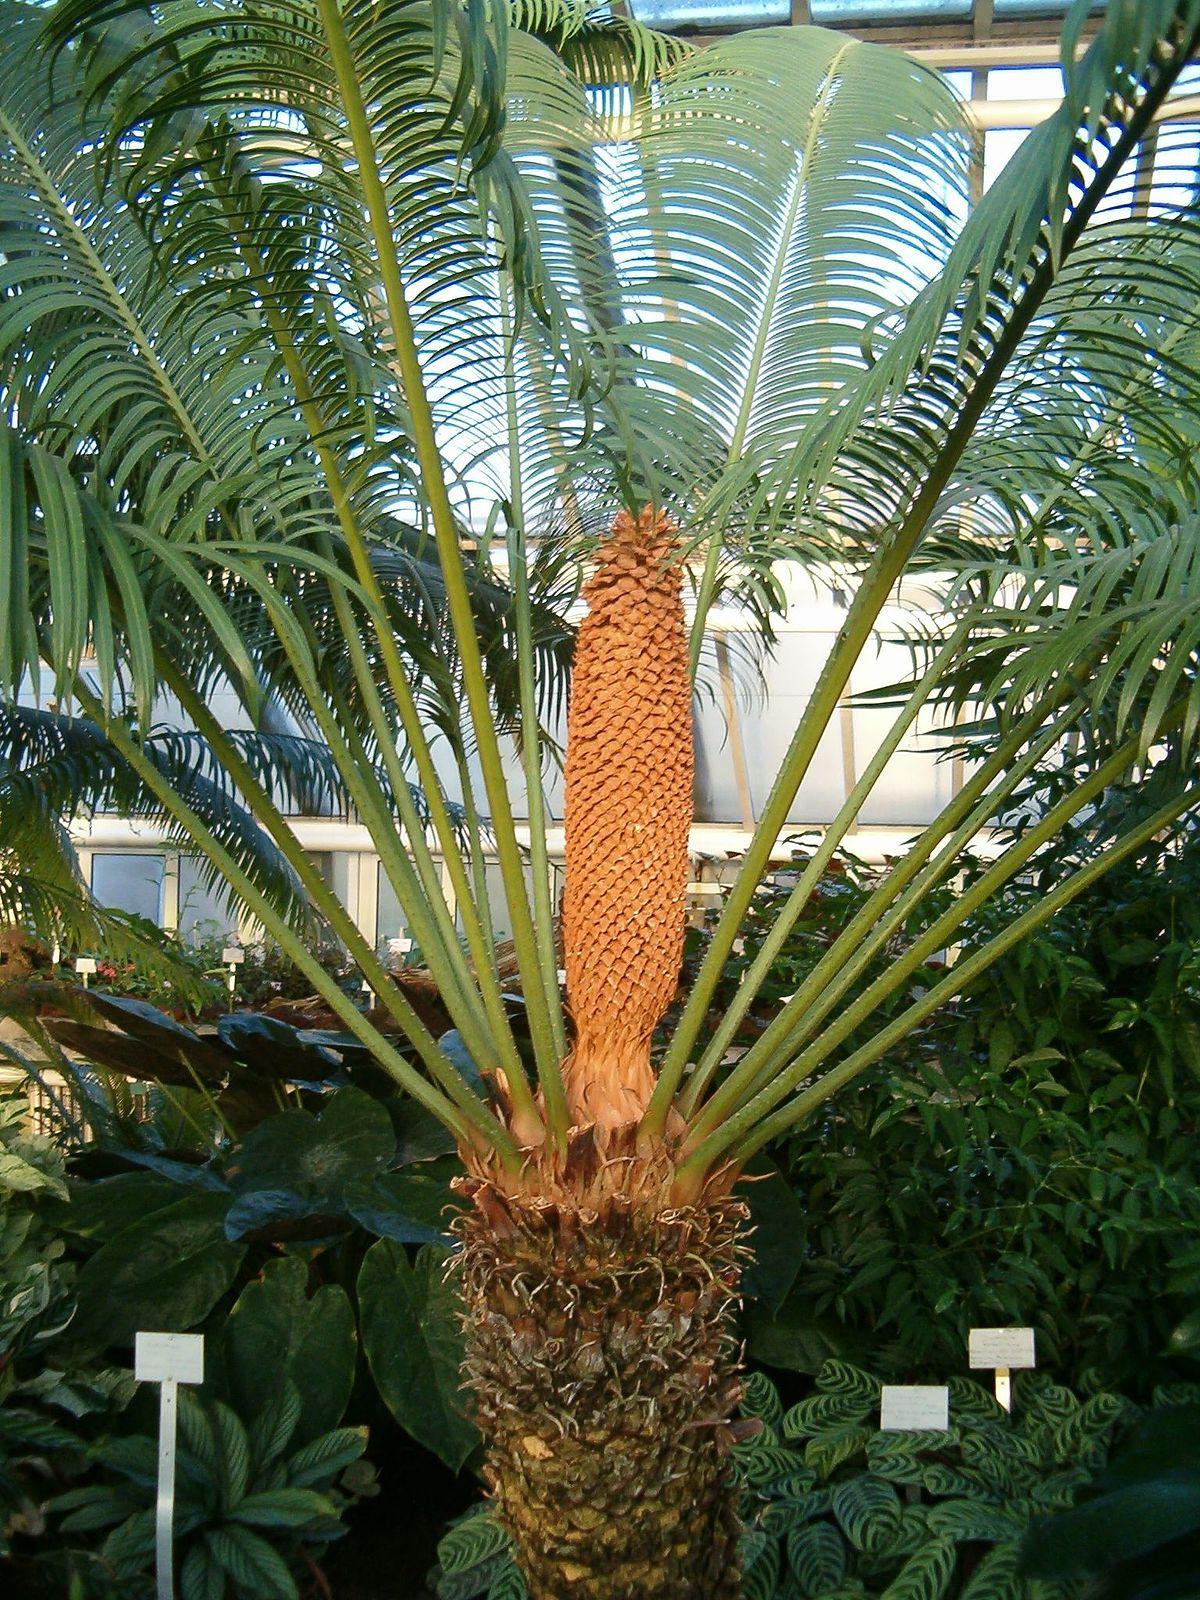 Tumbuhan Gymnospermae Dan Angiospermae : tumbuhan, gymnospermae, angiospermae, Contoh, Tumbuhan, Gymnospermae, Beserta, Latinnya, Materi, Kimia